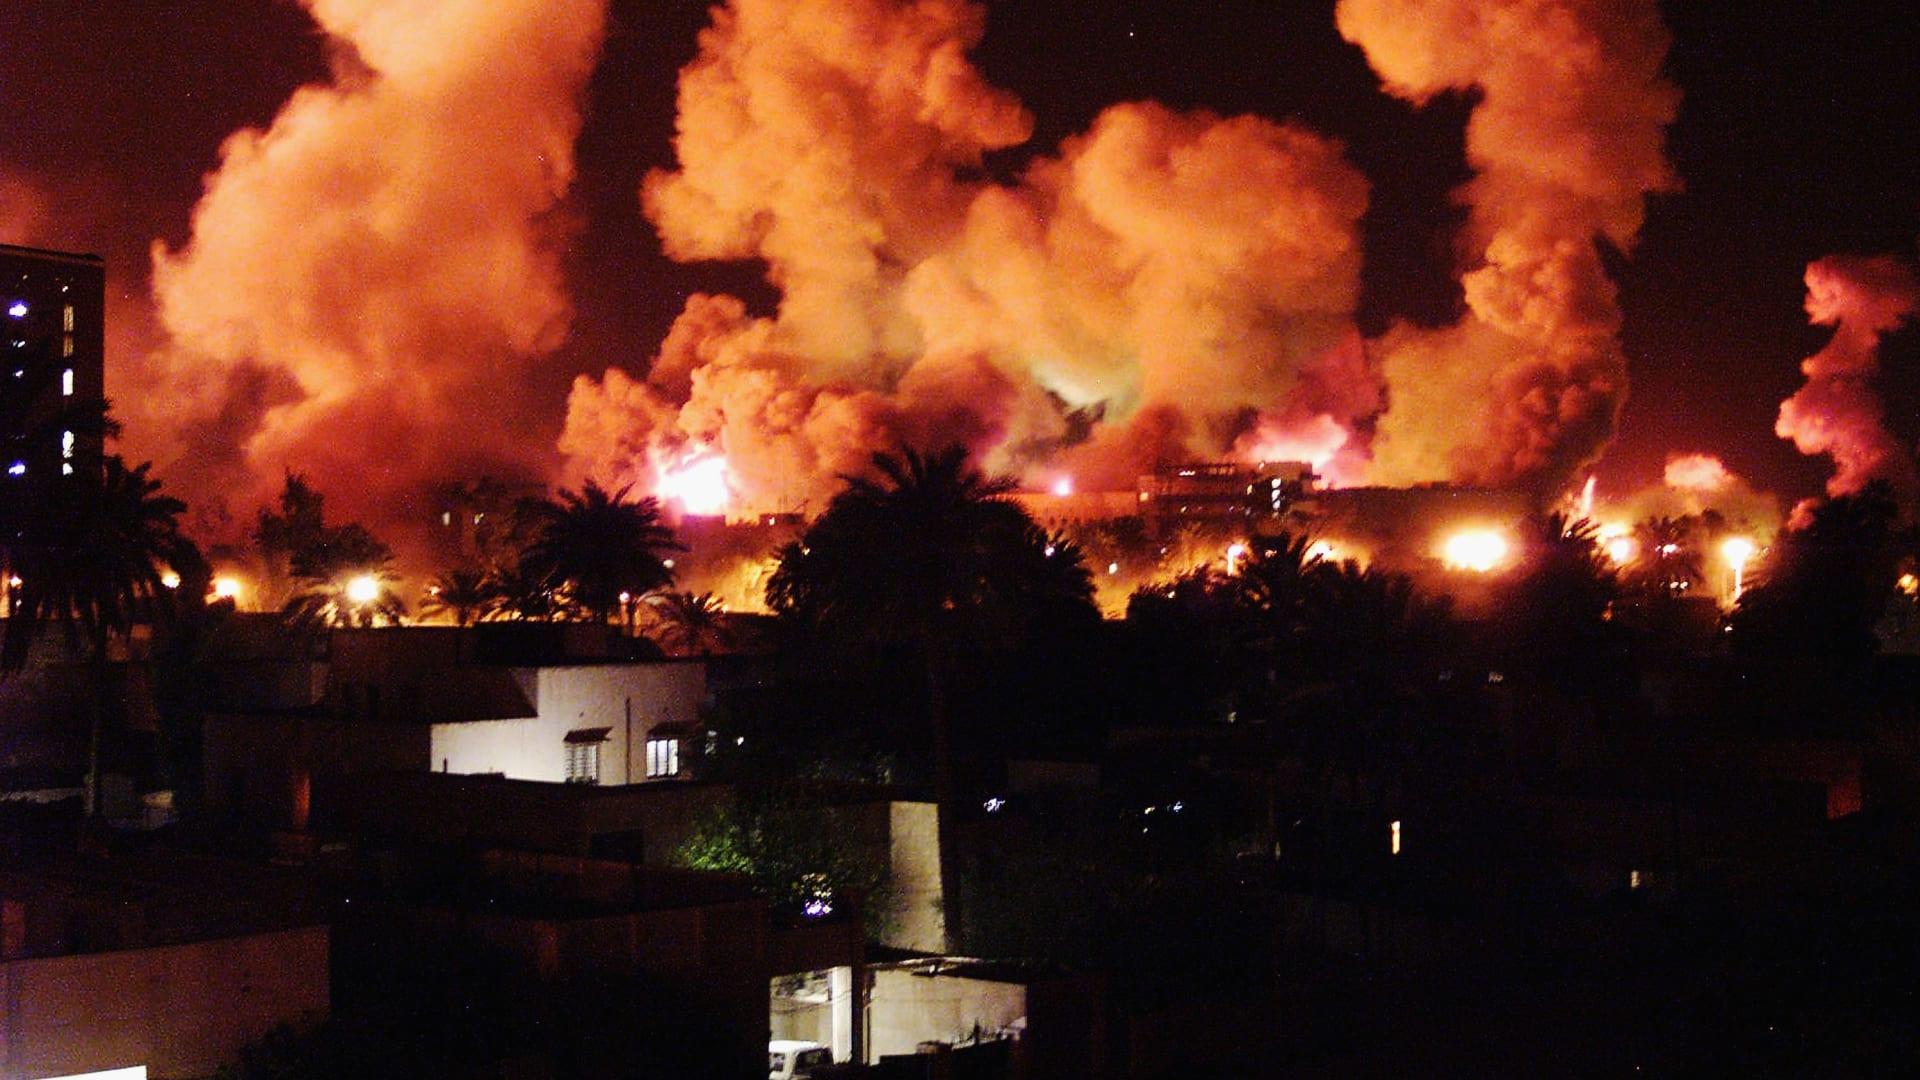 الذكرى الـ16 لحرب العراق.. بين حزن وفرح بإسقاط صدام حسين إلى نظريات المؤامرة.. كيف تذكرها نشطاء بتويتر؟